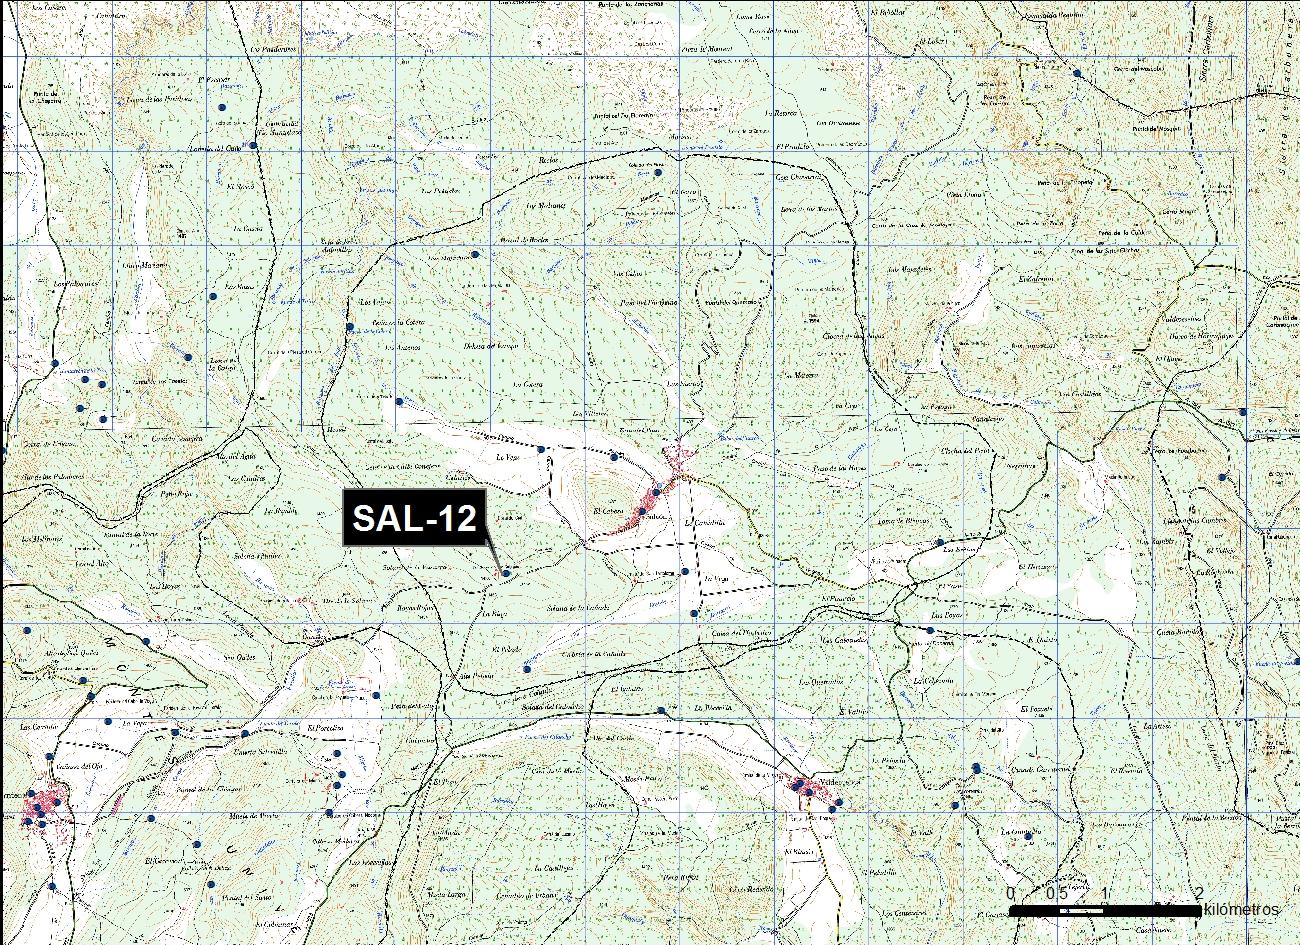 SAL_12_M.V.LOZANO_GAMELLONES DEL ALTO ALEGAS_MAP.TOPO 1